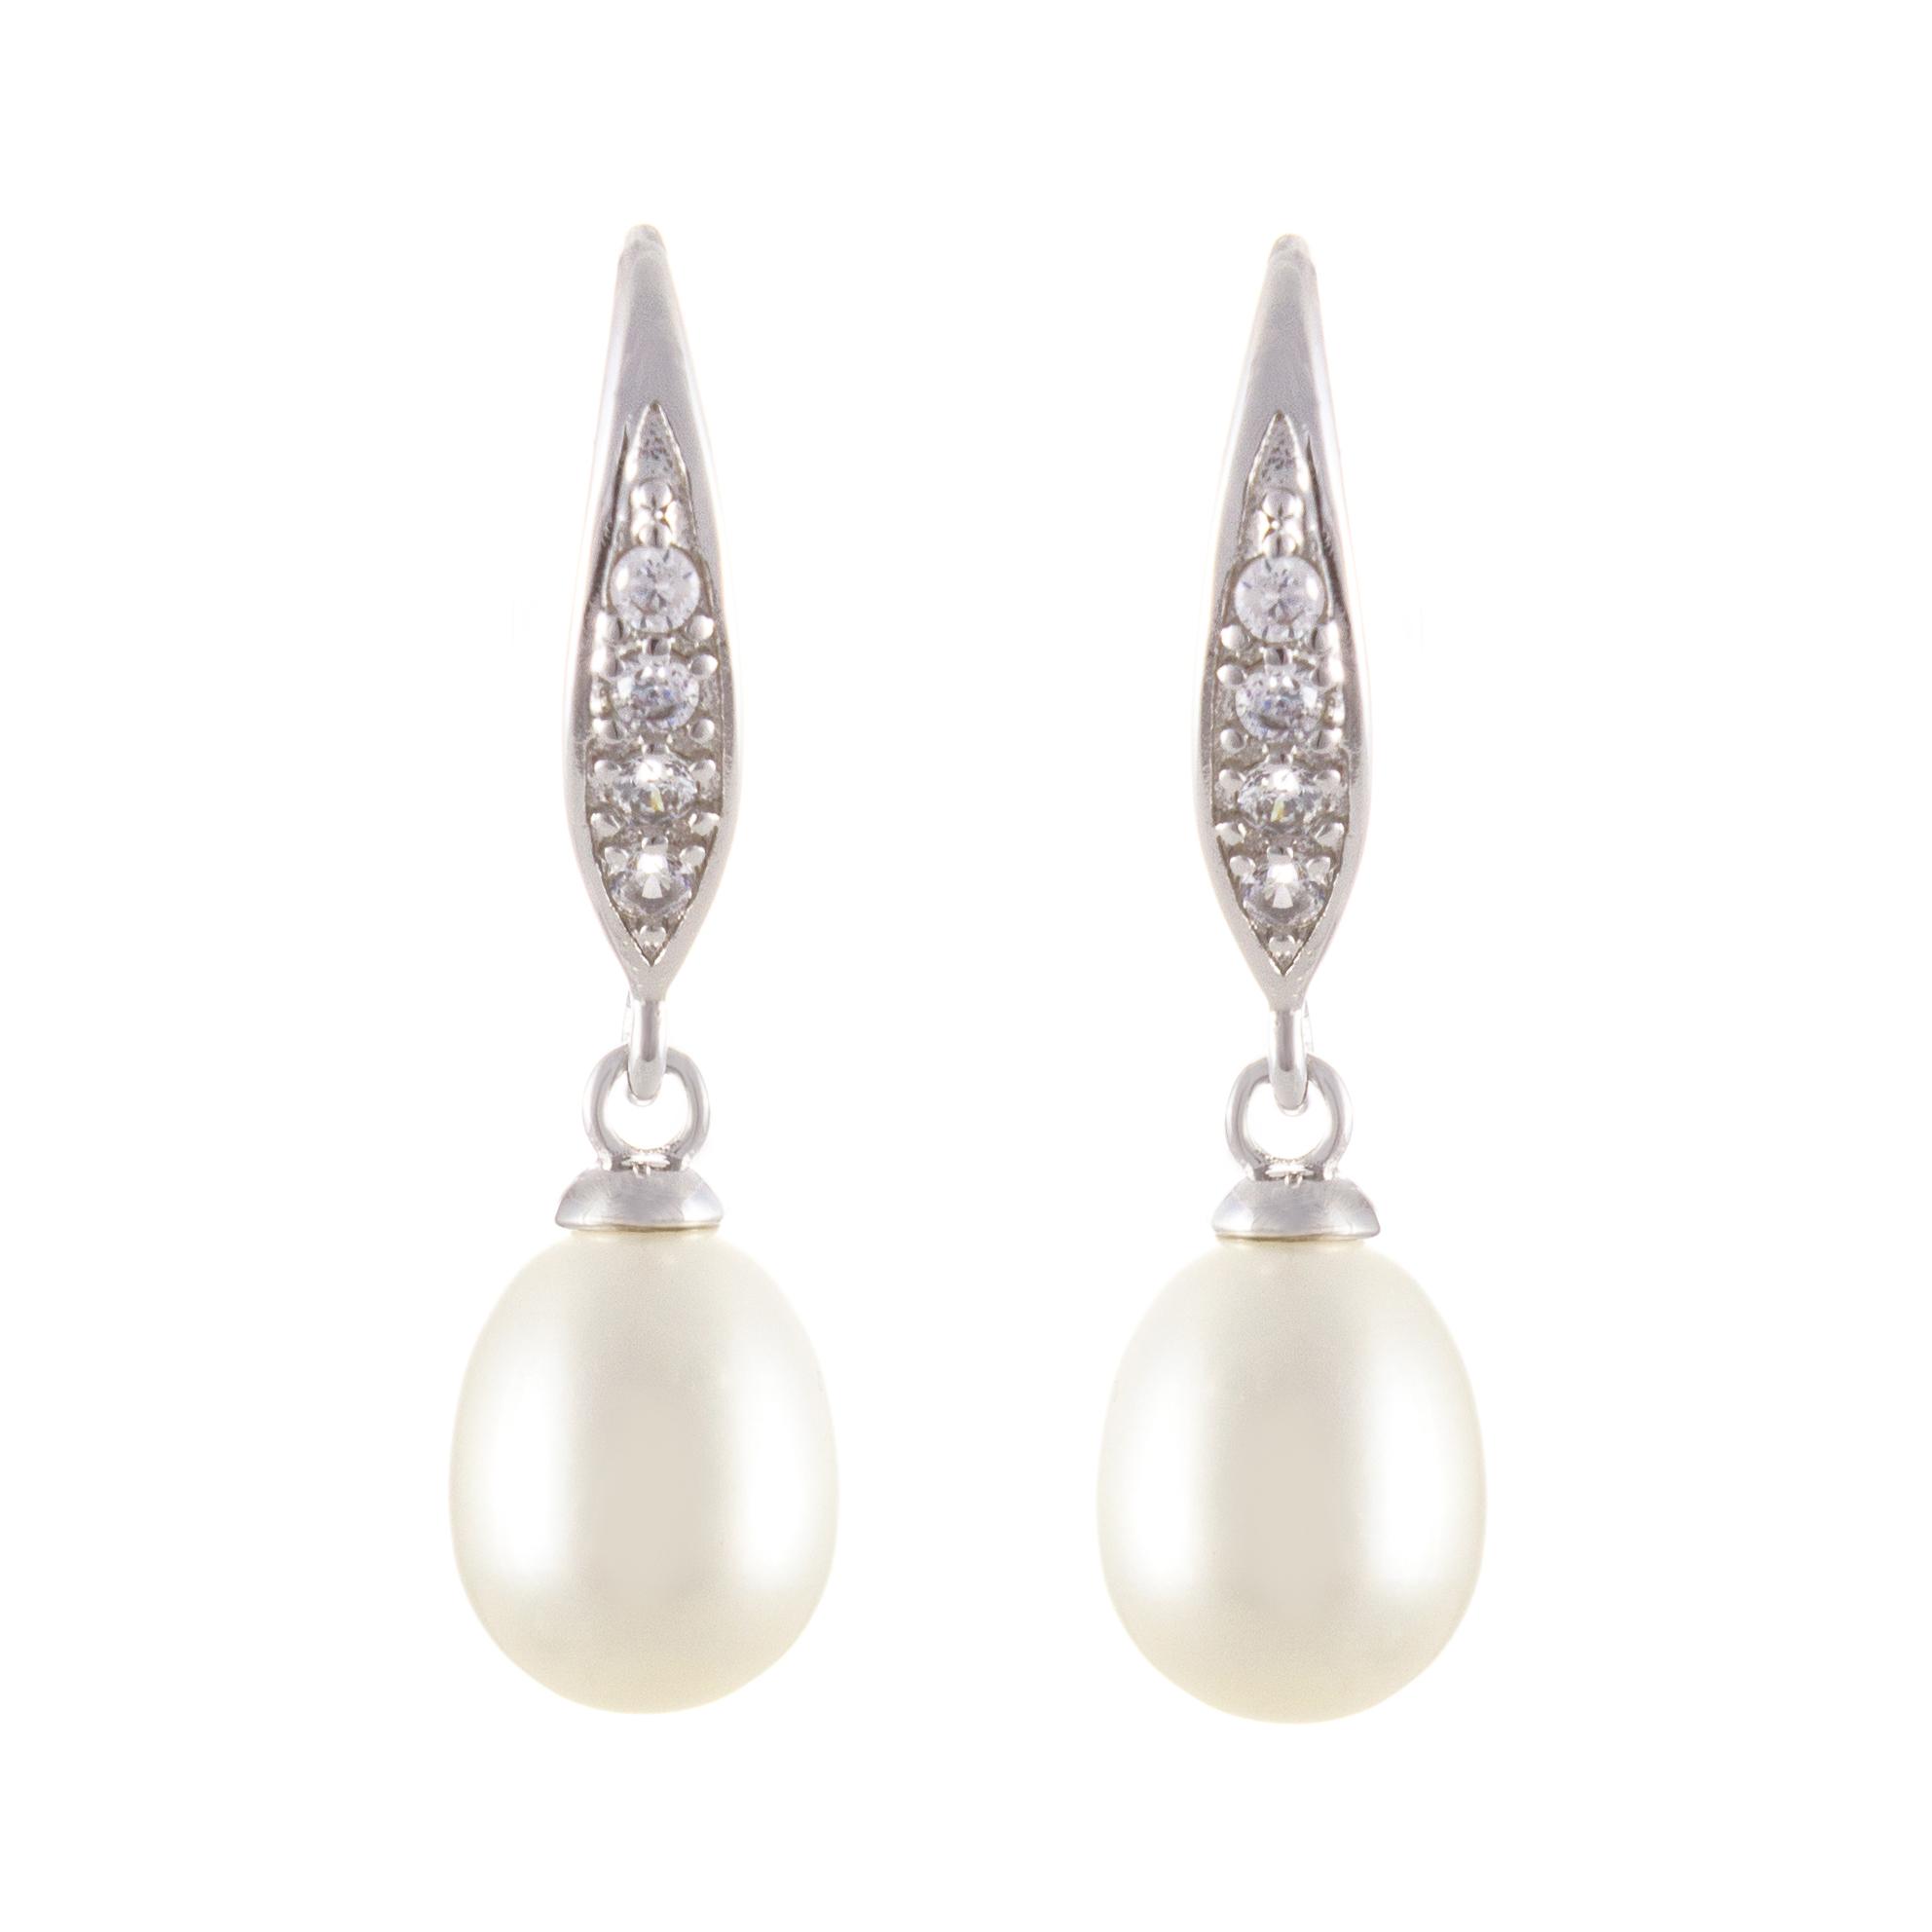 12mm 925 Silber Perle Perlen Ohrhänger Ohrringe Ohrstecker